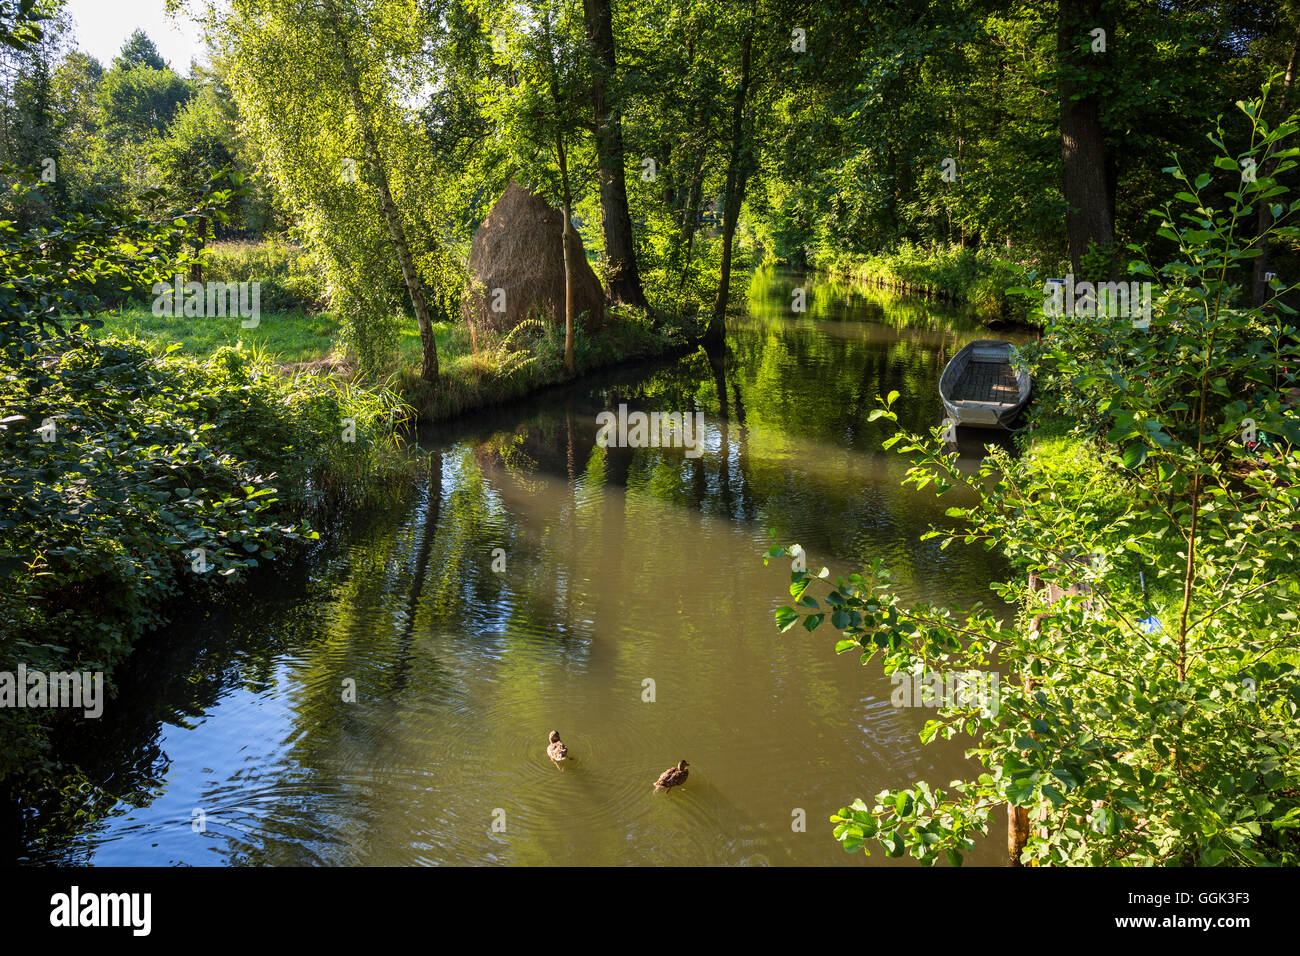 Fluss im Spreewald, Spree, UNESCO-Biosphärenreservat, Brandenburg, Deutschland, Europa Stockbild